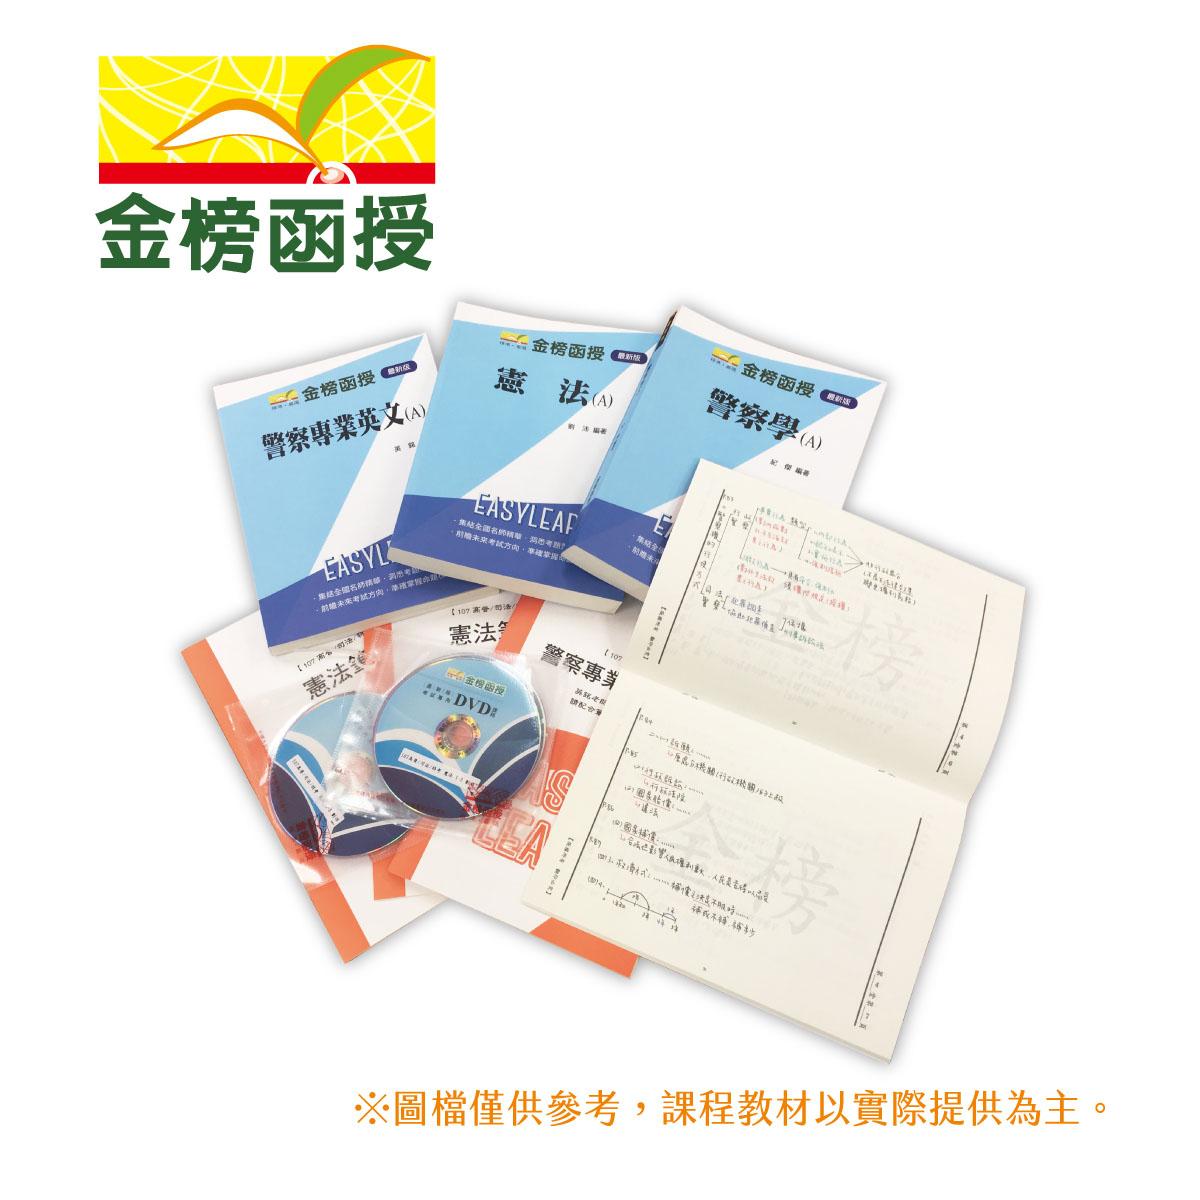 108金榜函授/高考三级/年度课程/全套/一般行政/DVD/专业科目